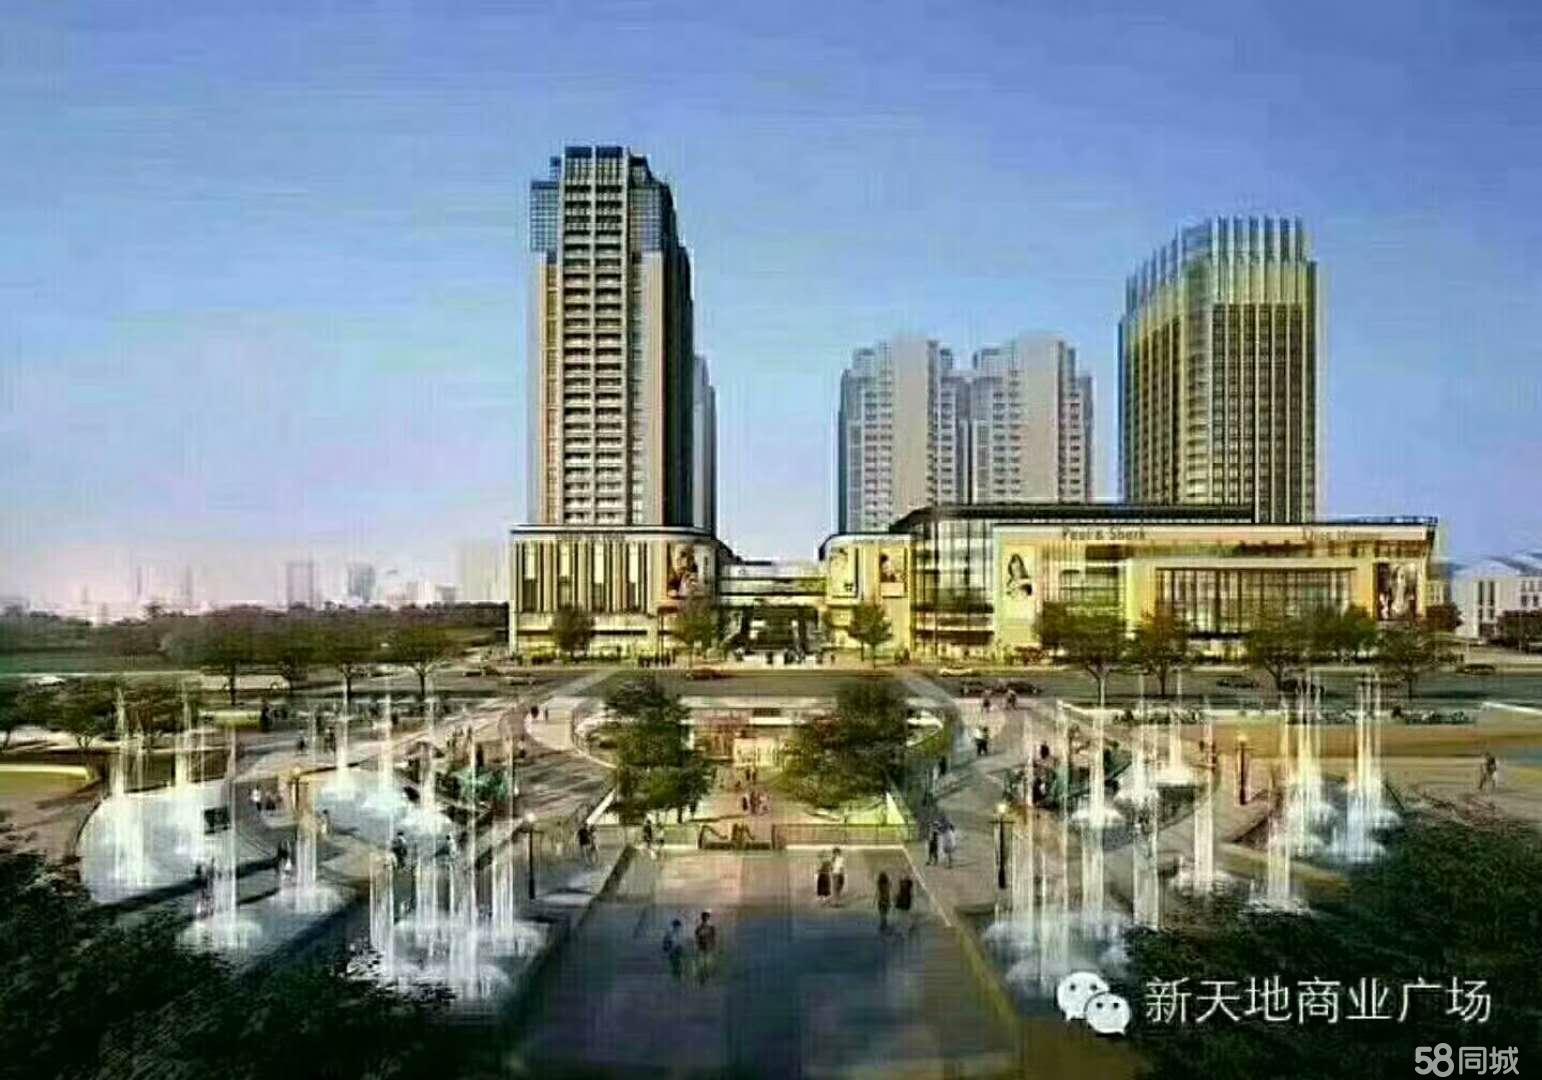 新天地万达广场商铺金沙官方平台5年返租回报率高达50%